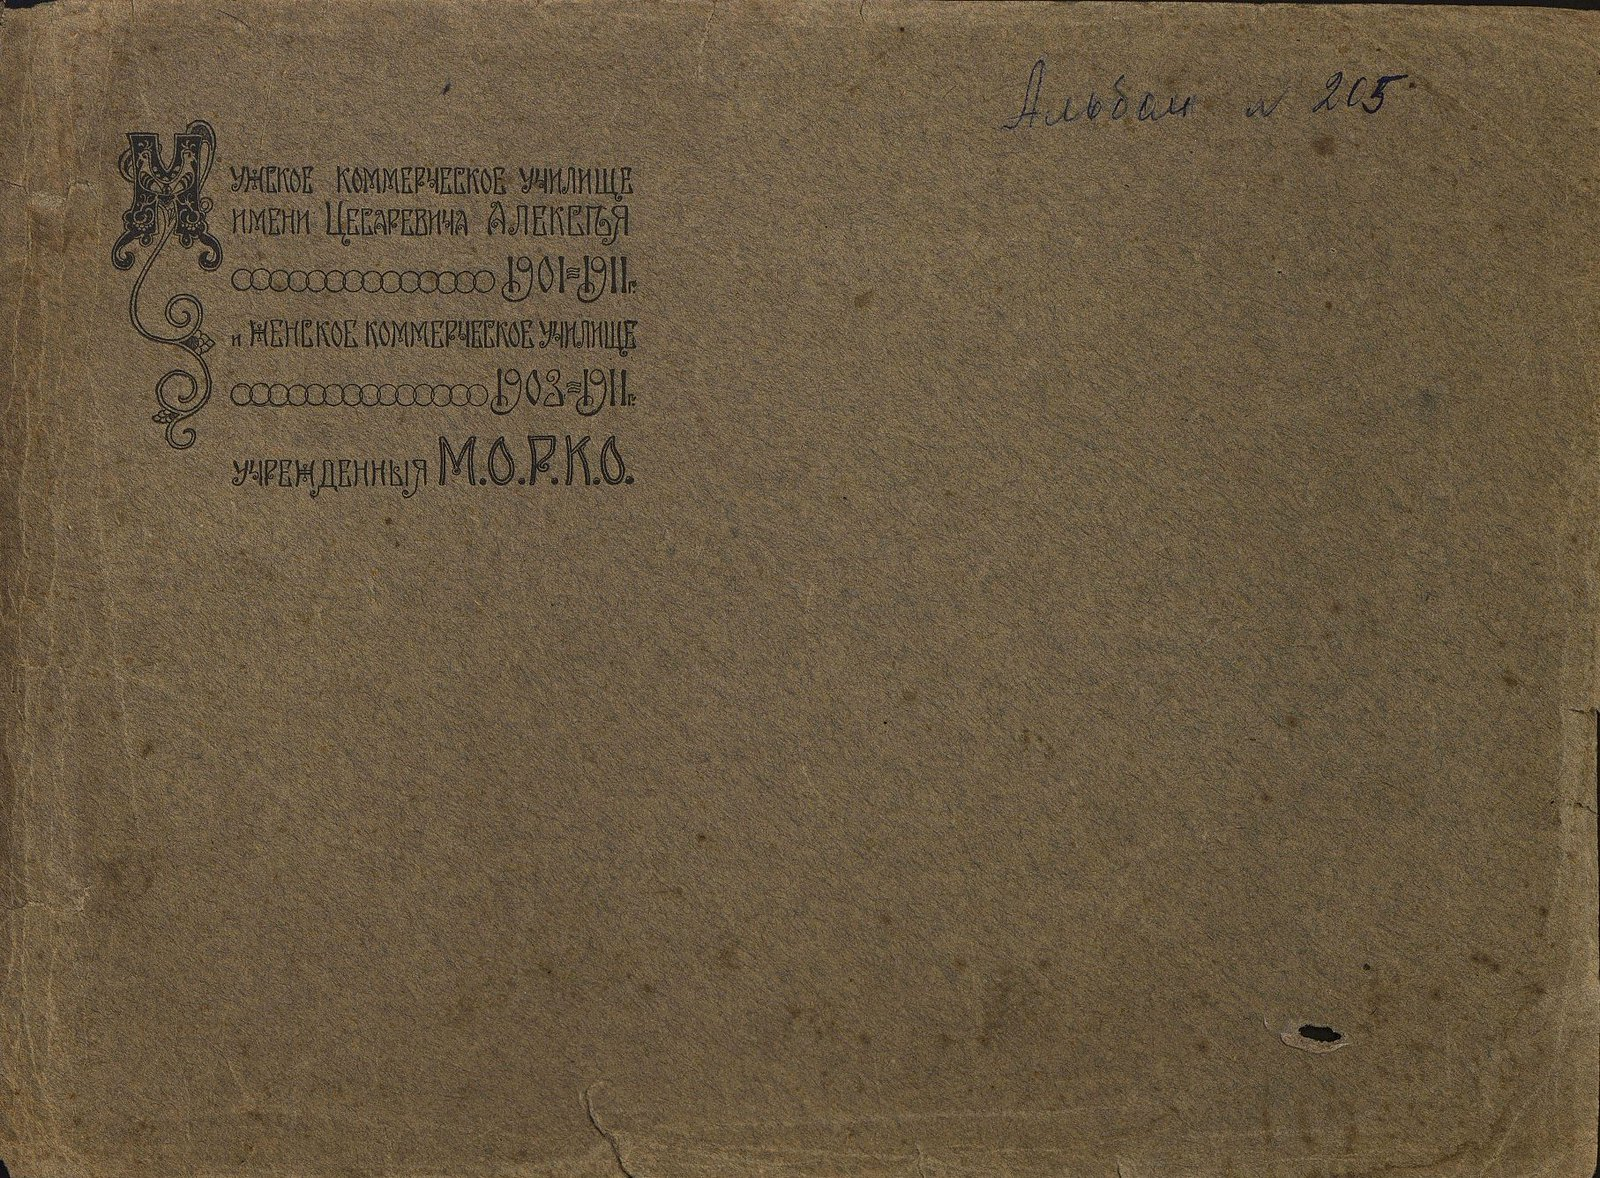 01. Издательская обложка альбома